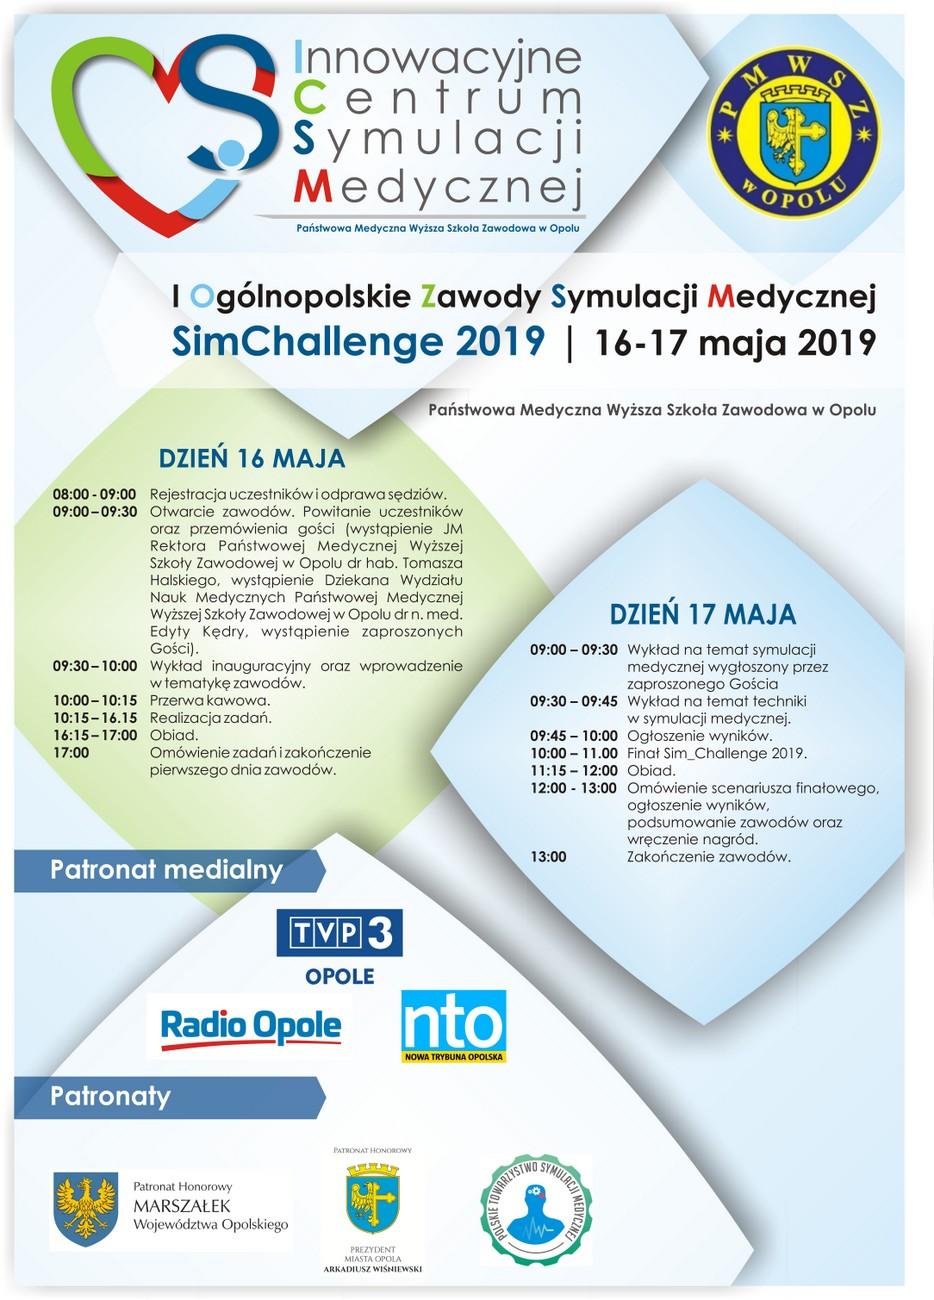 Zbliżają się I Ogólnopolskie Zawody Symulacji Medycznej SimChallenge 2019 – poznaj szczegóły! [materiały organizatora]